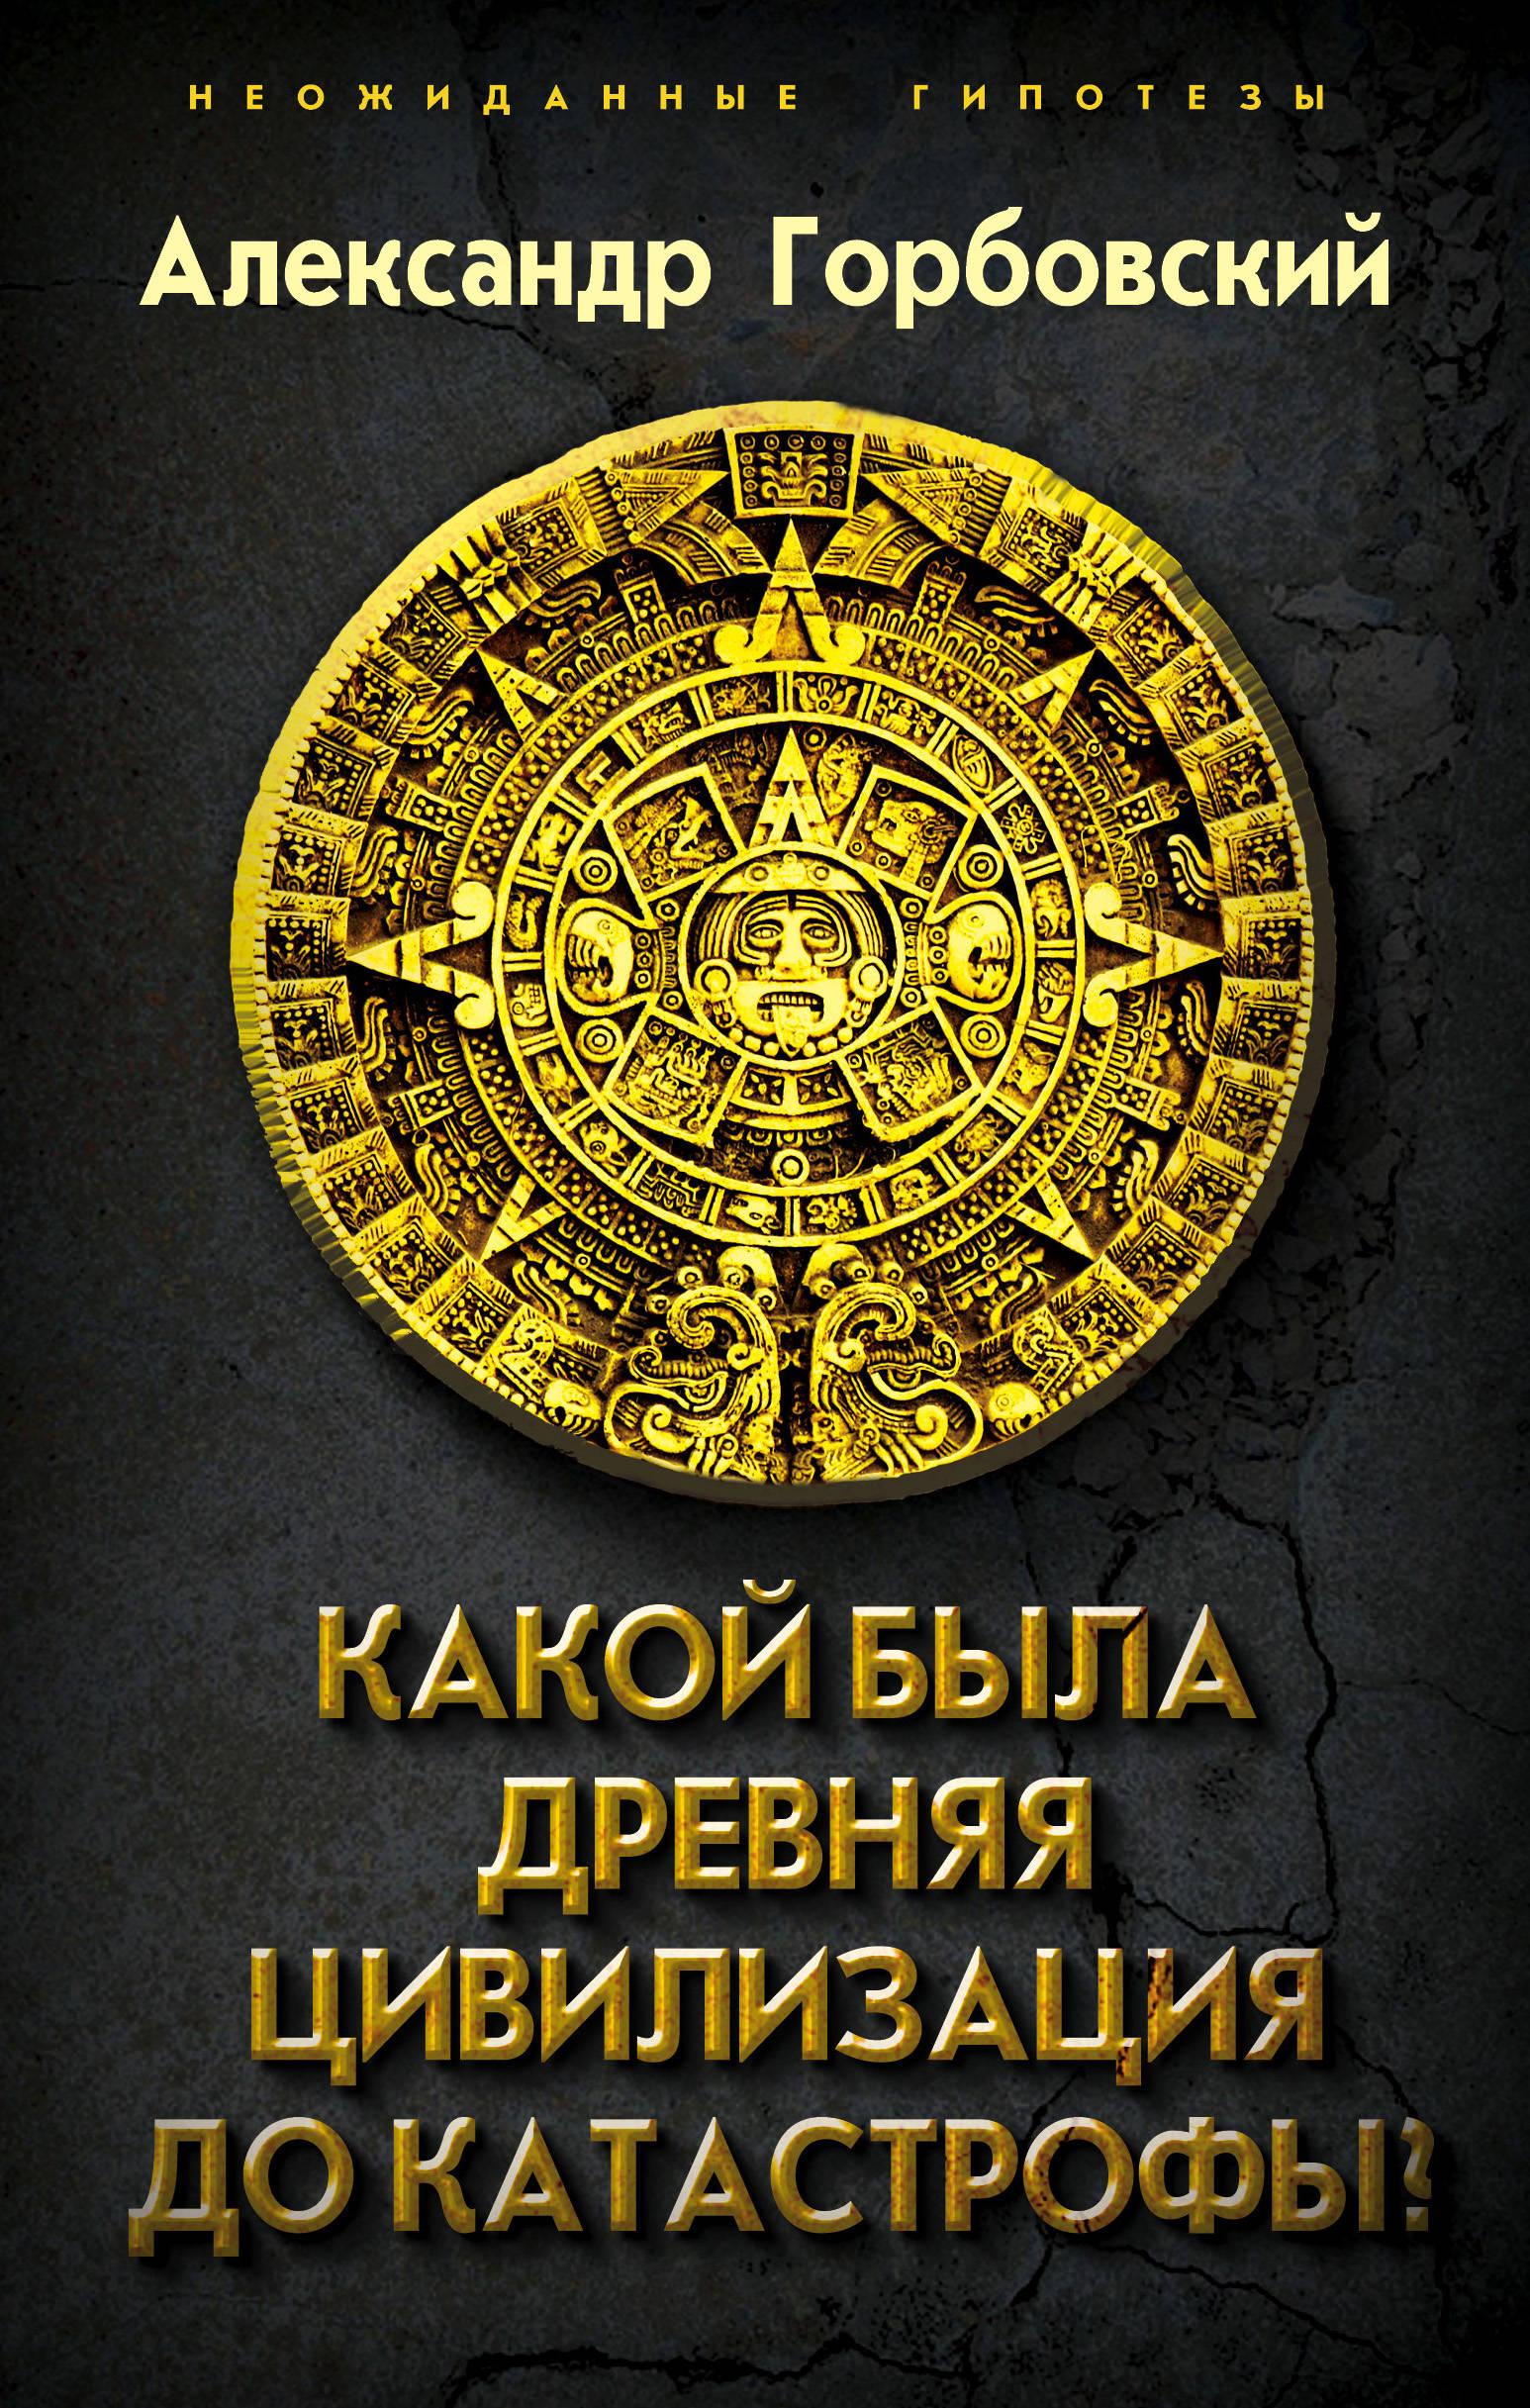 Горбовский Александр Альфредович Какой была древняя Цивилизация до Катастрофы? горбовский а какой была древняя цивилизация до катастрофы